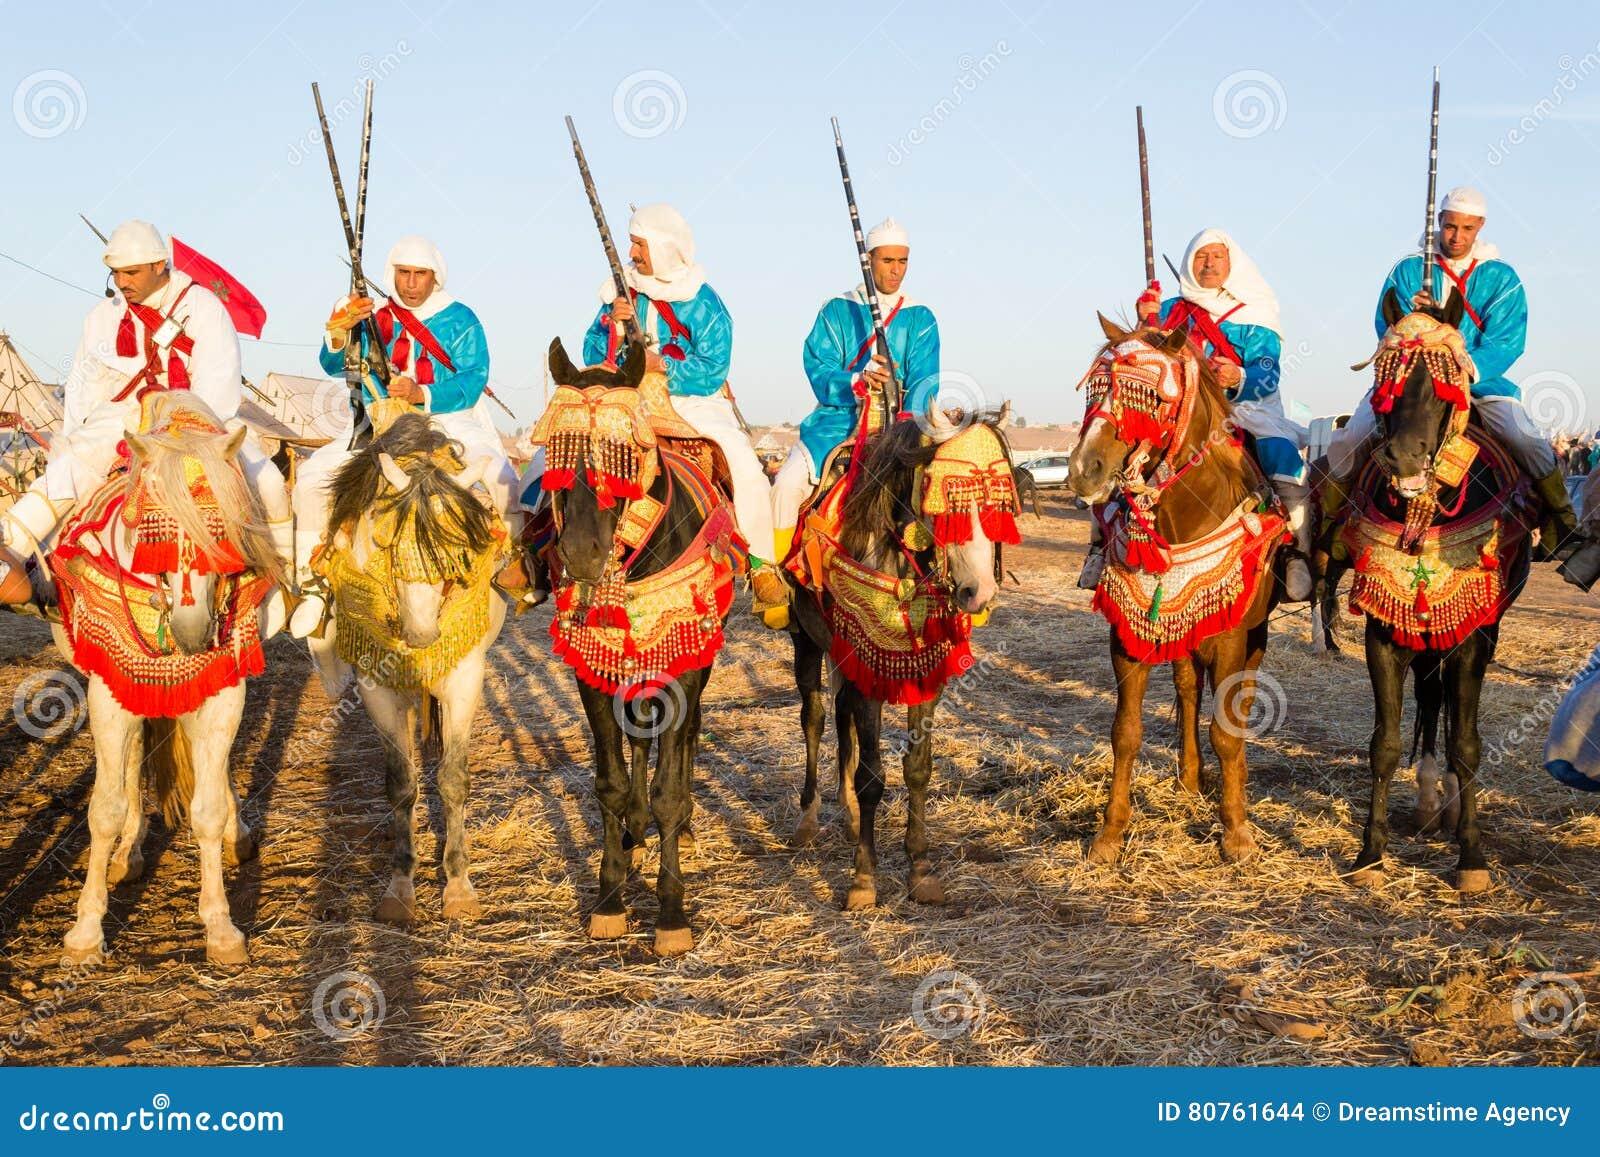 Marokkaanse paardruiters tijdens fantasiefestival